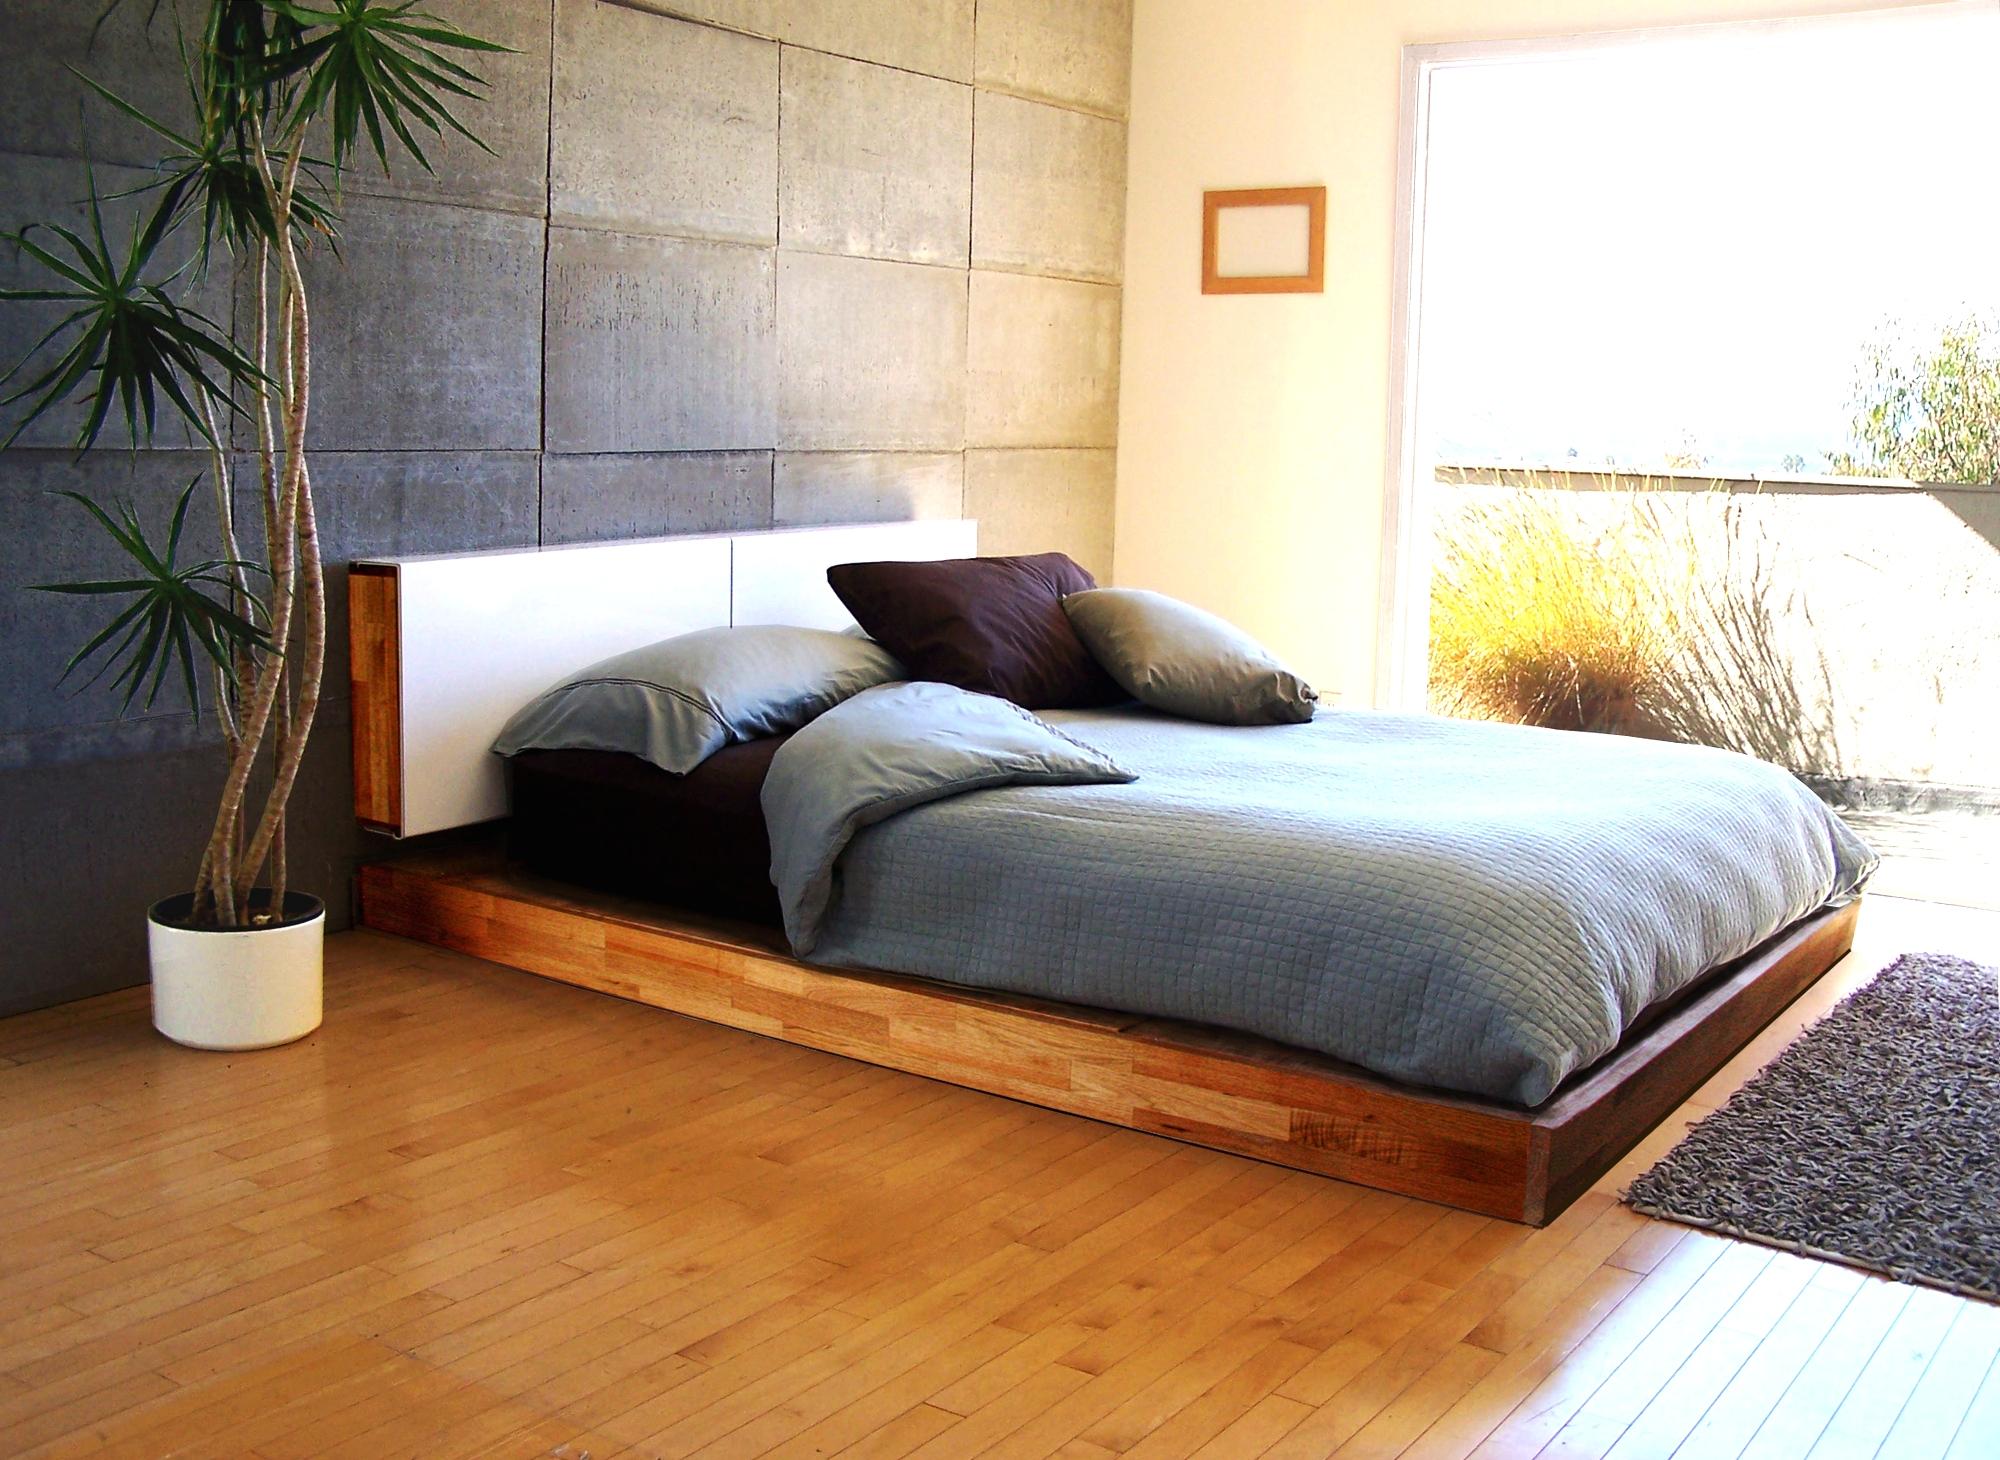 Как сделать кровать на подиуме